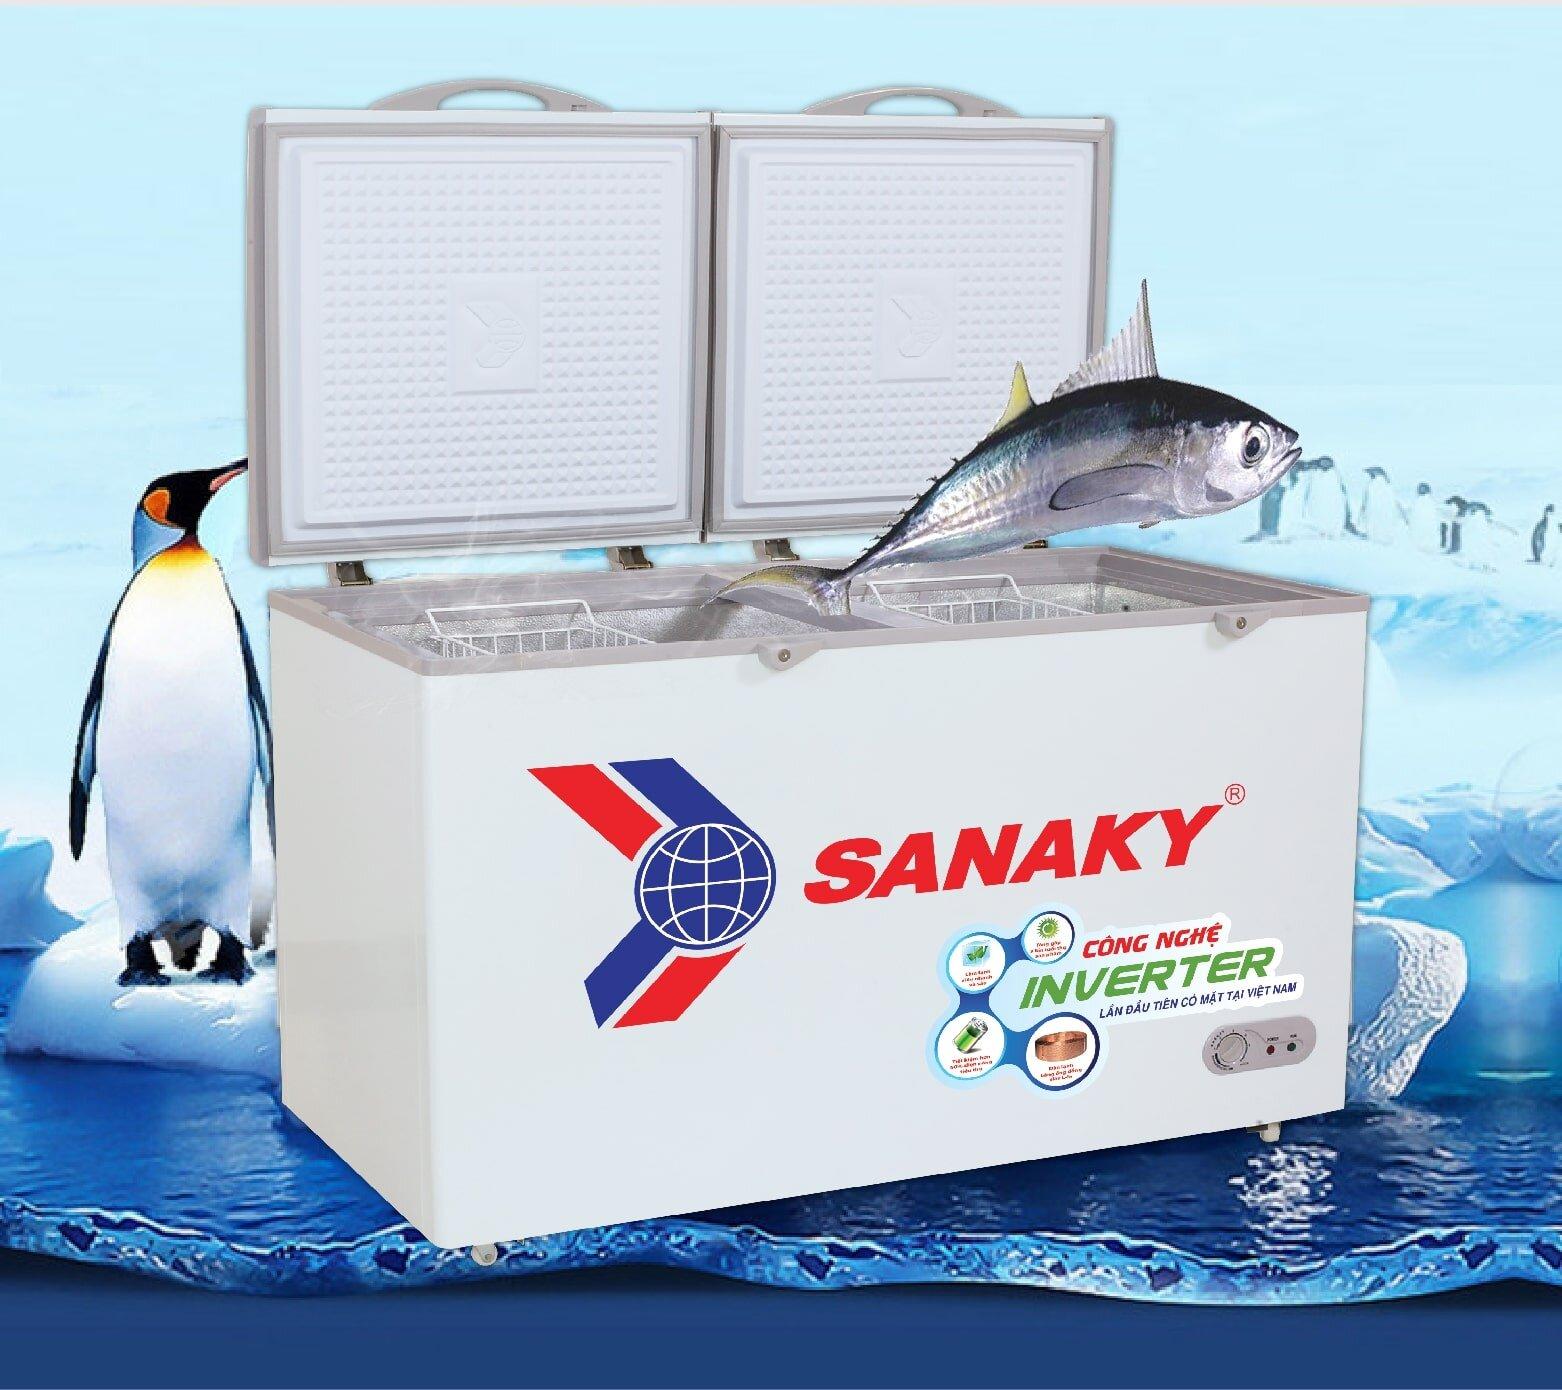 Tham khảo tủ đông Sanaky với ưu điểm dung tích lớn, công suất lớn